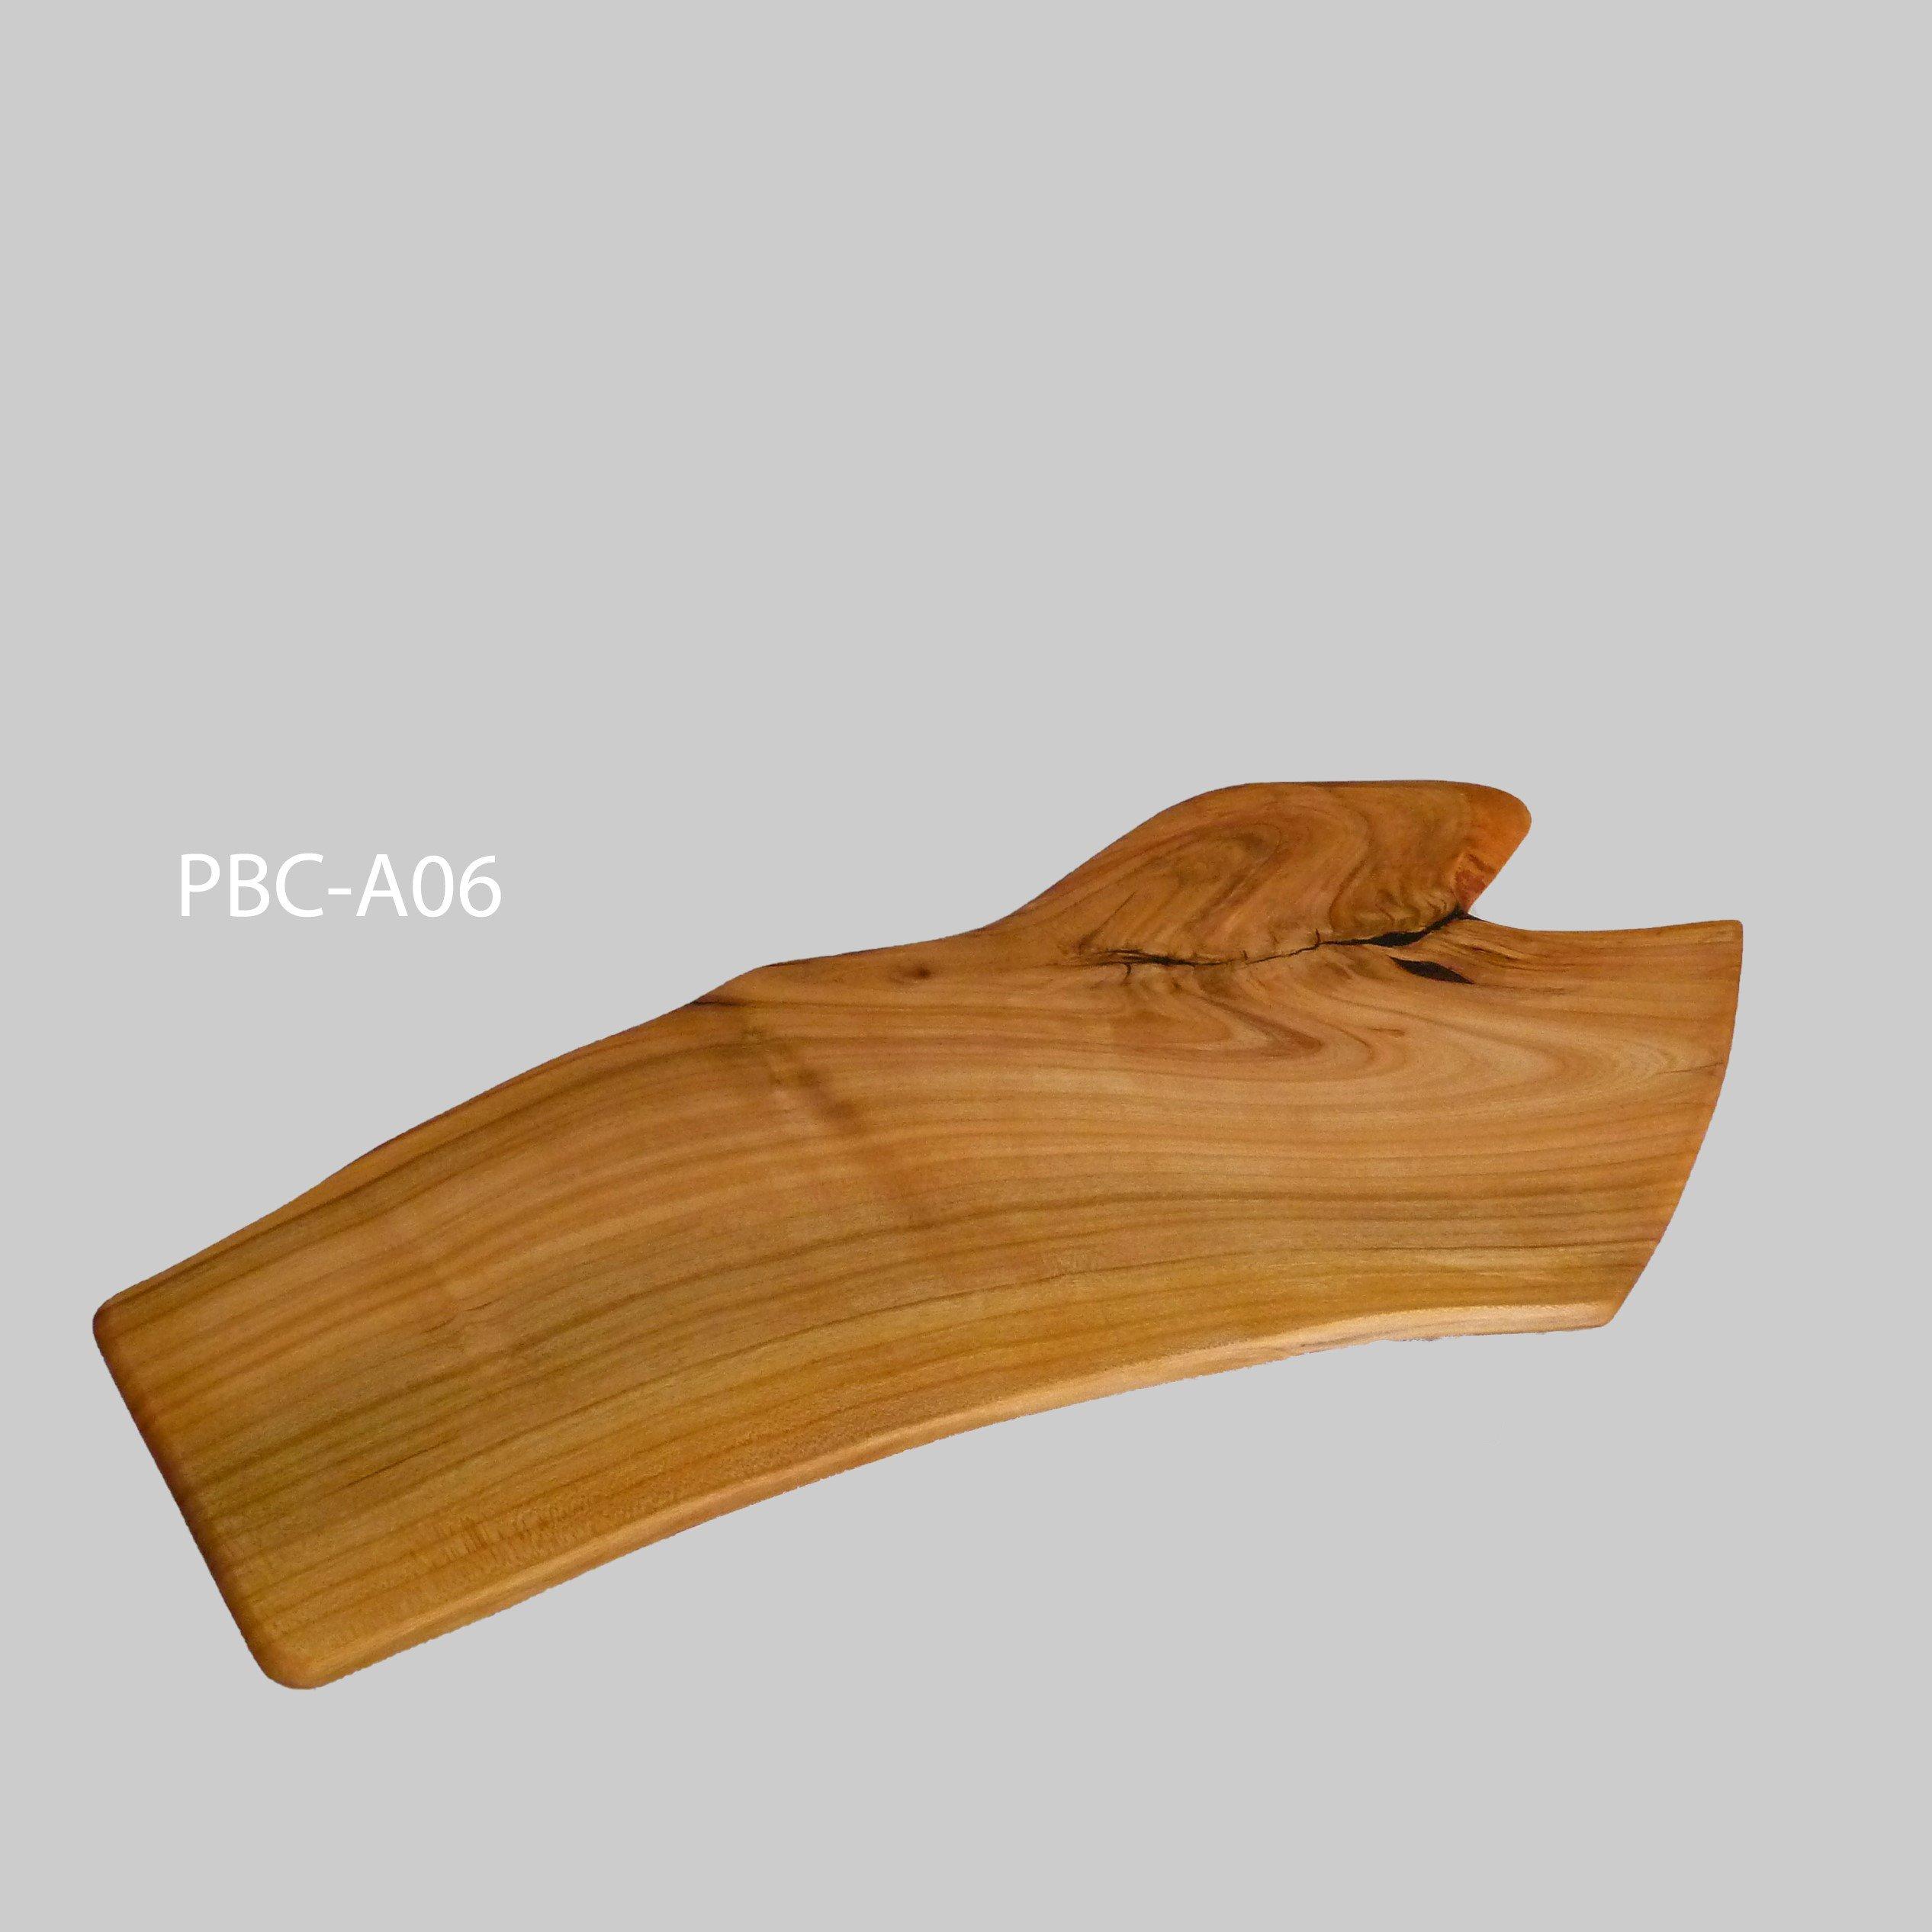 PBC-A06